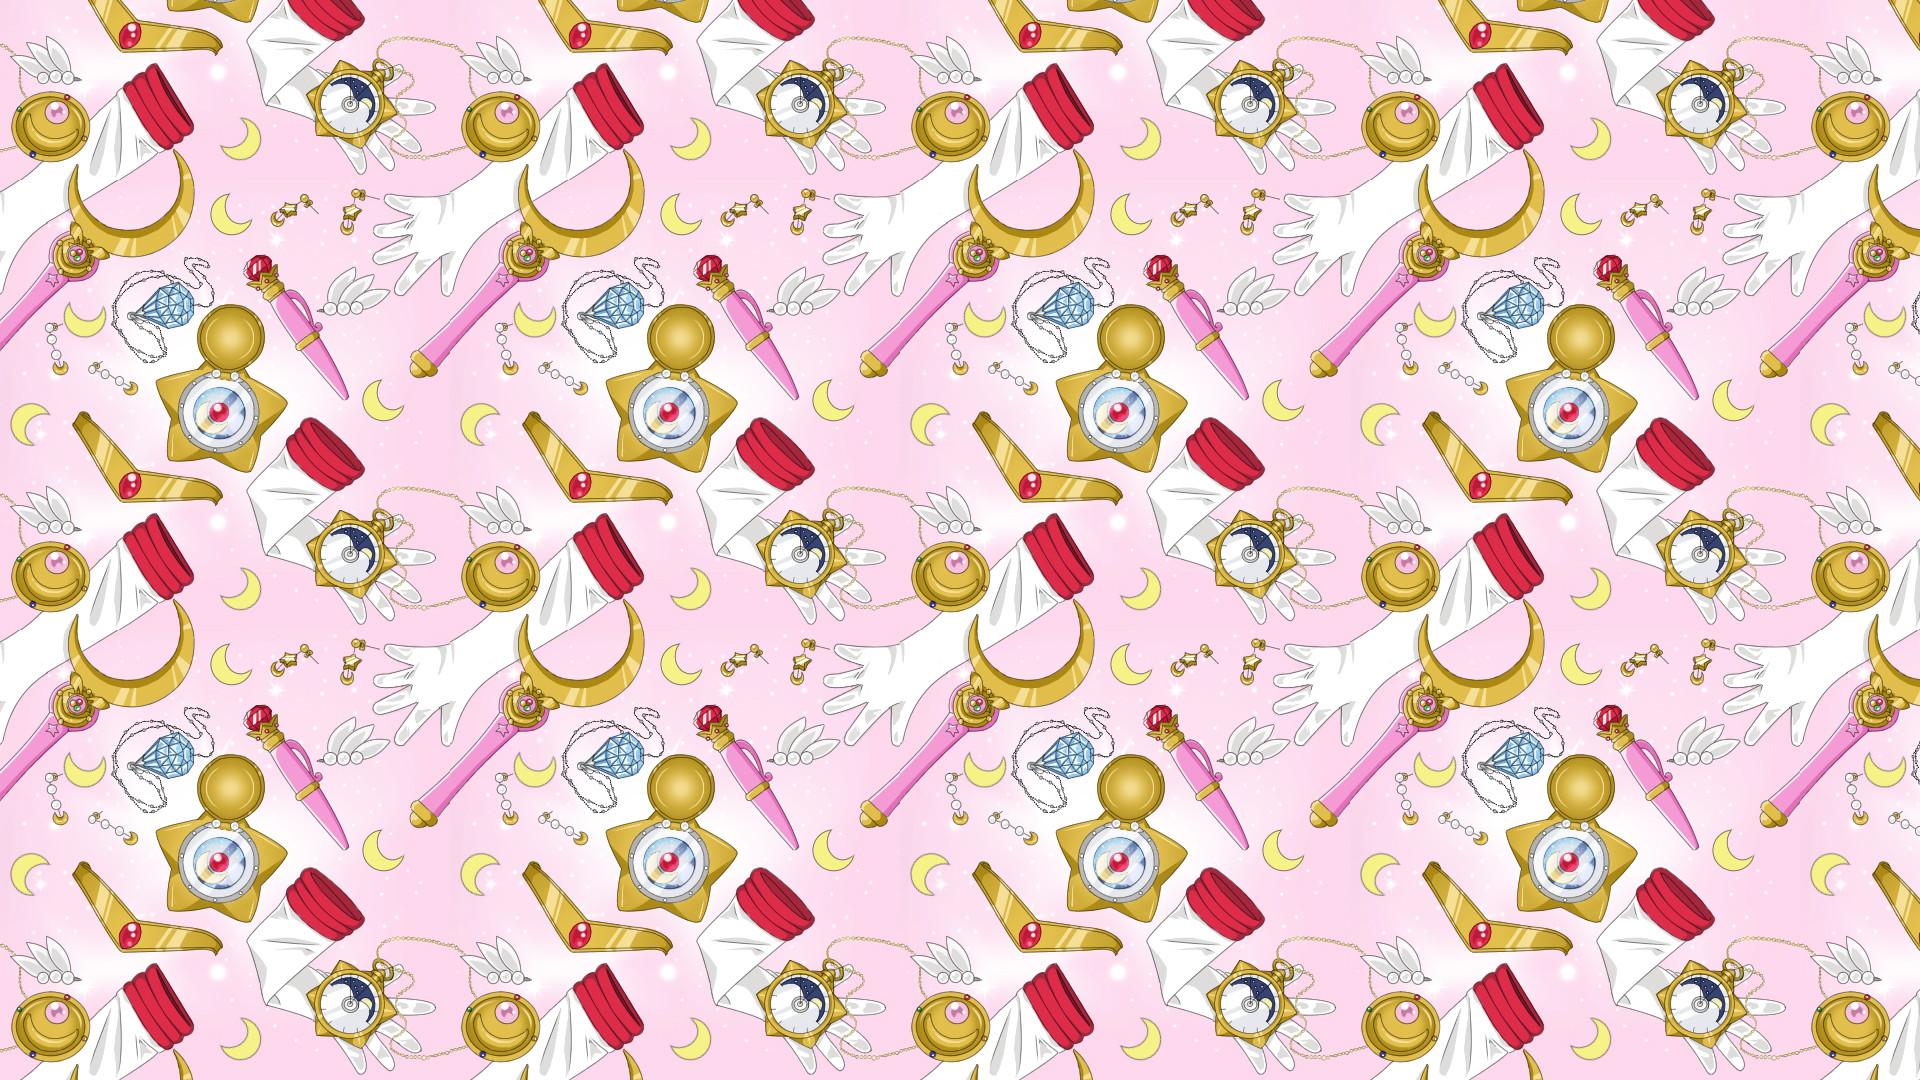 … Sailor Moon Repeating Pattern Sheet by Tsuki-ni-Kawatte